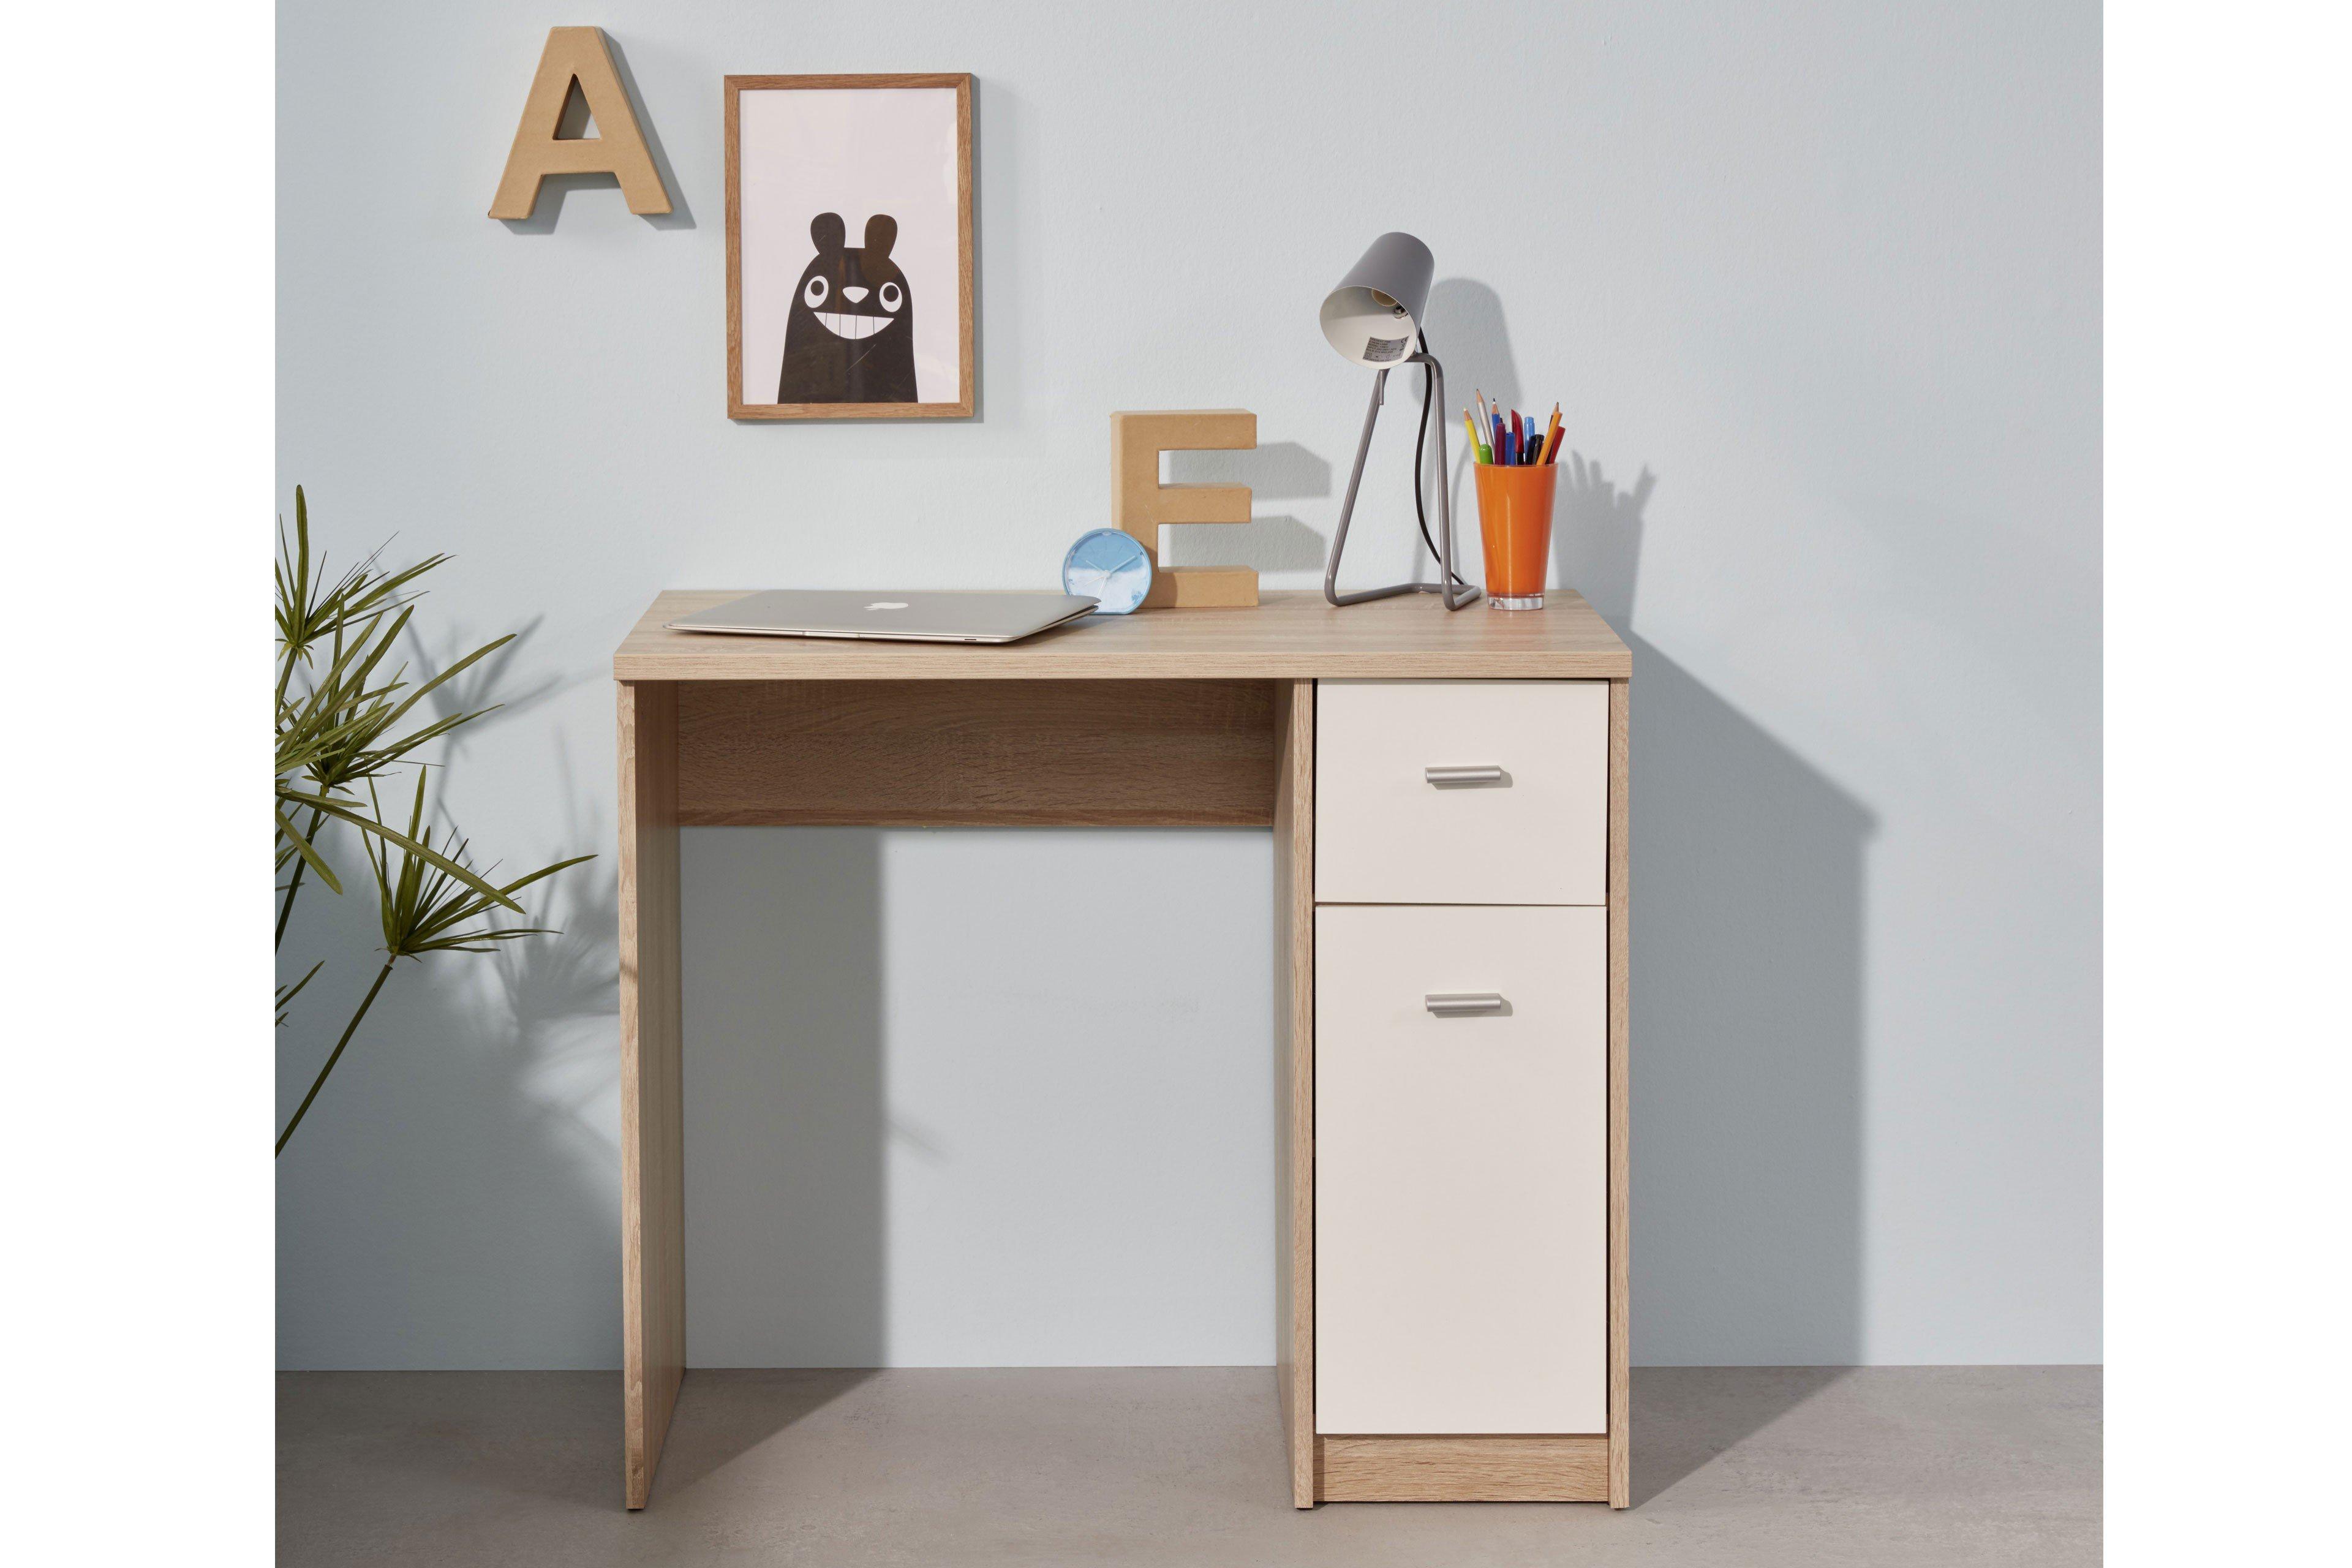 schreibtisch nova trendteam eiche s gerau hell m bel letz ihr online shop. Black Bedroom Furniture Sets. Home Design Ideas